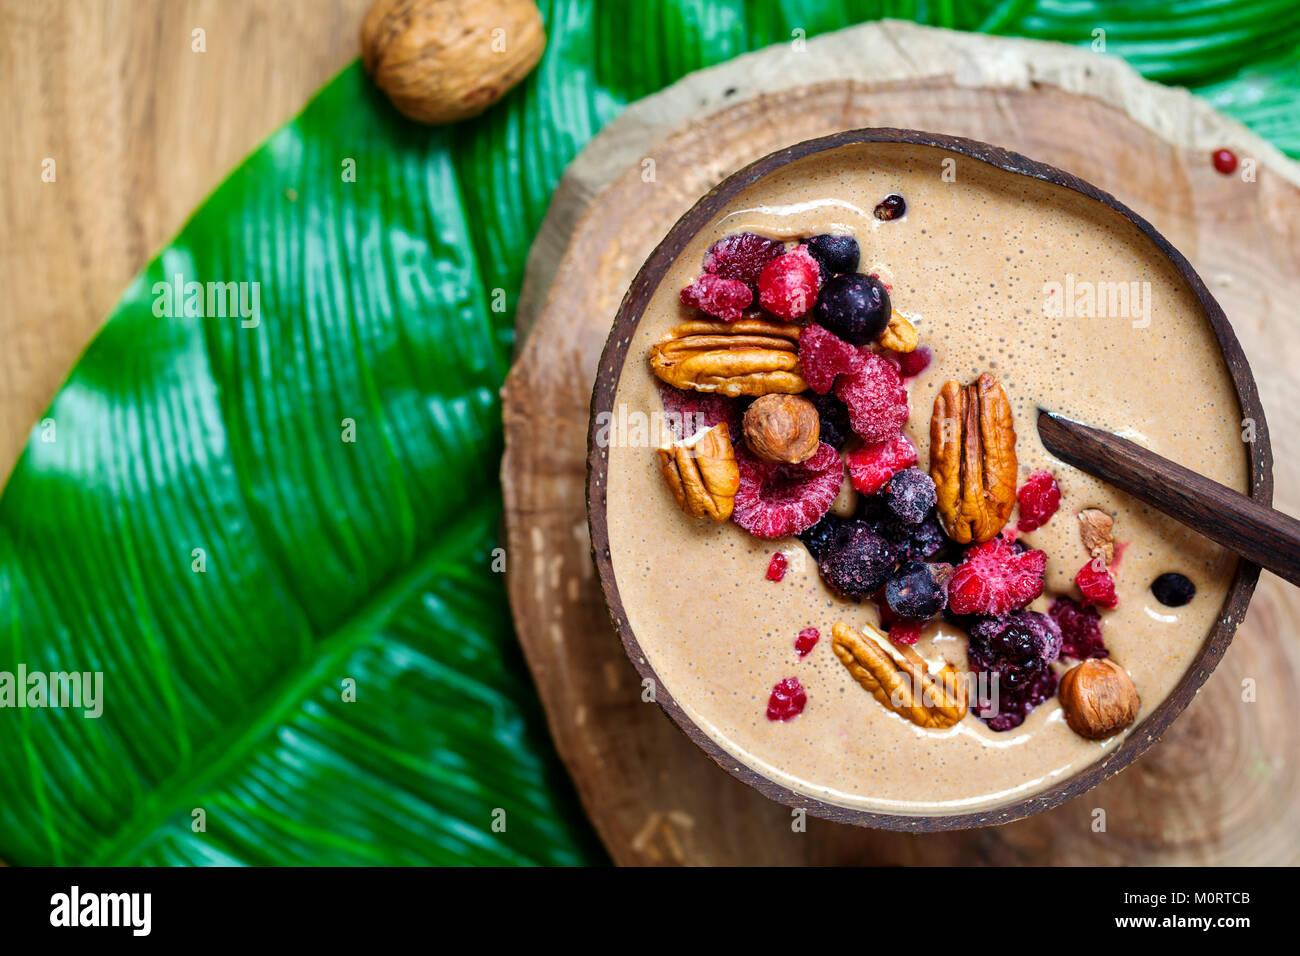 Schokolade Smoothie mit gefrorenen Beeren und Nüssen Stockbild